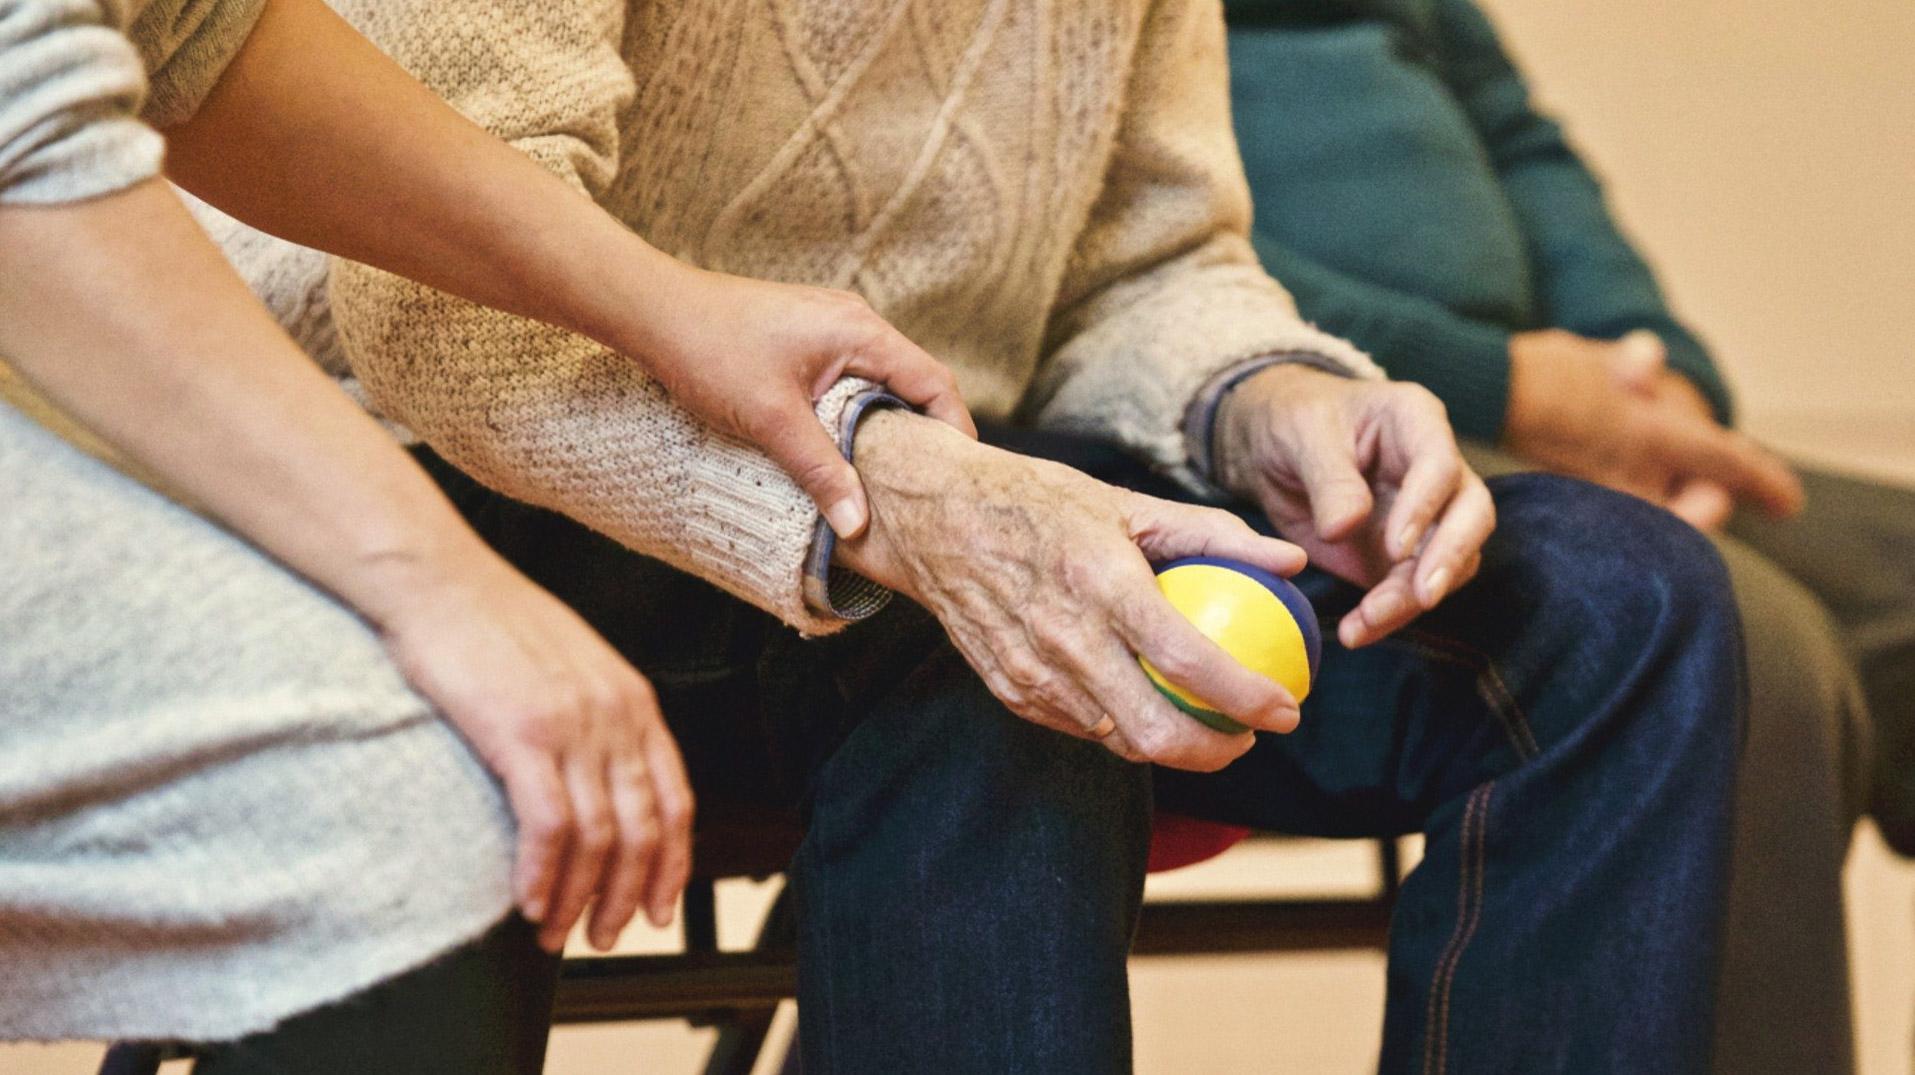 Interrumpir el tiempo sedentario con pequeños períodos de actividad contribuye a reducir el riesgo de fragilidad